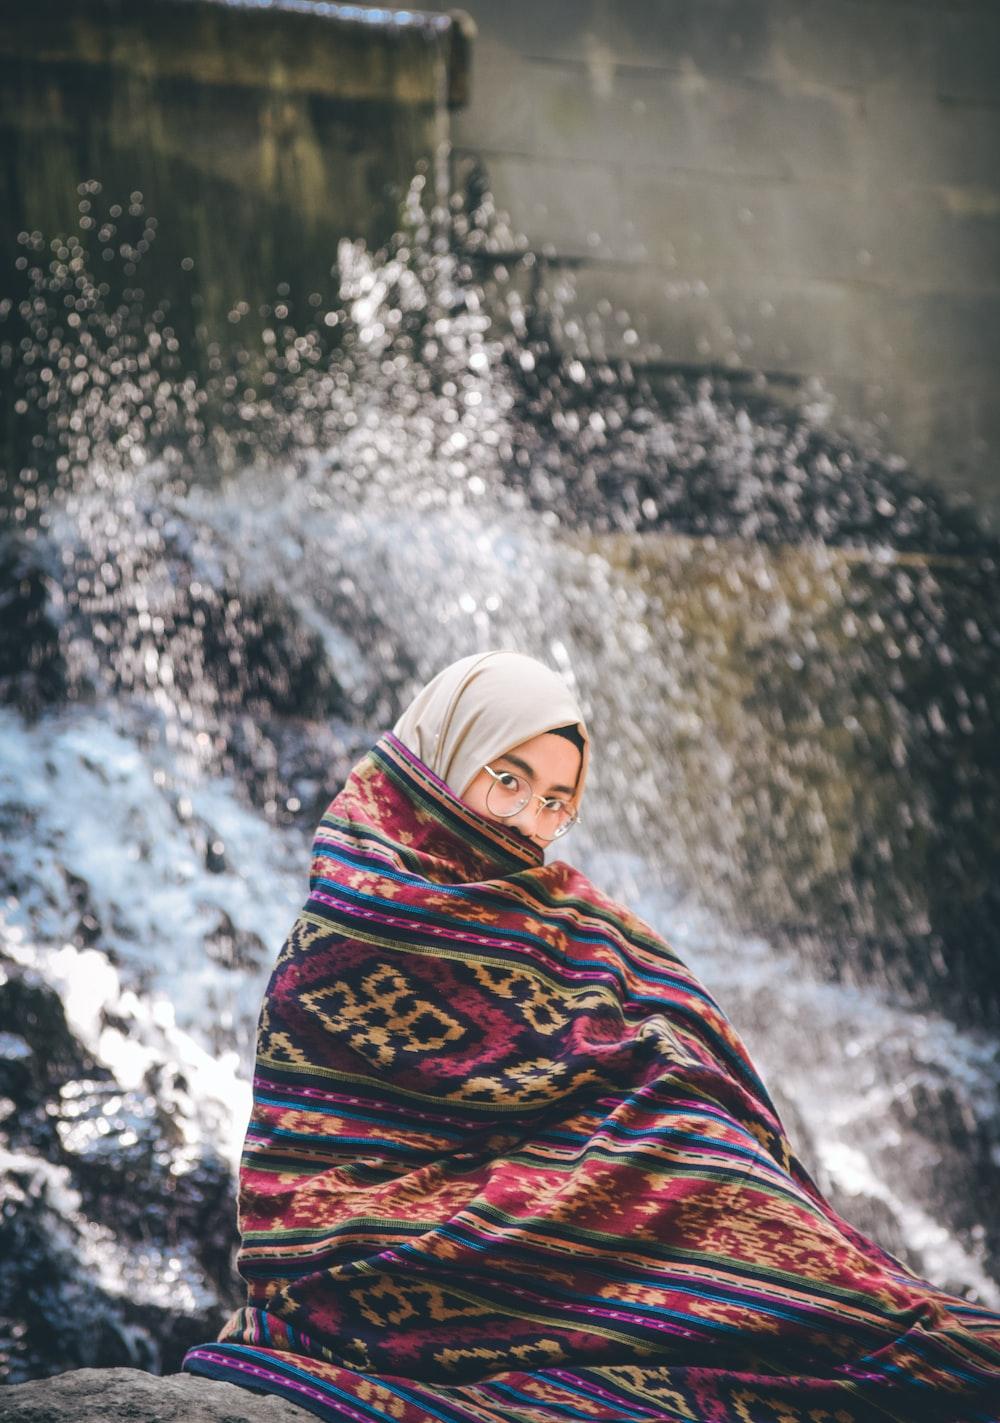 woman sitting on rock near flowing body of water